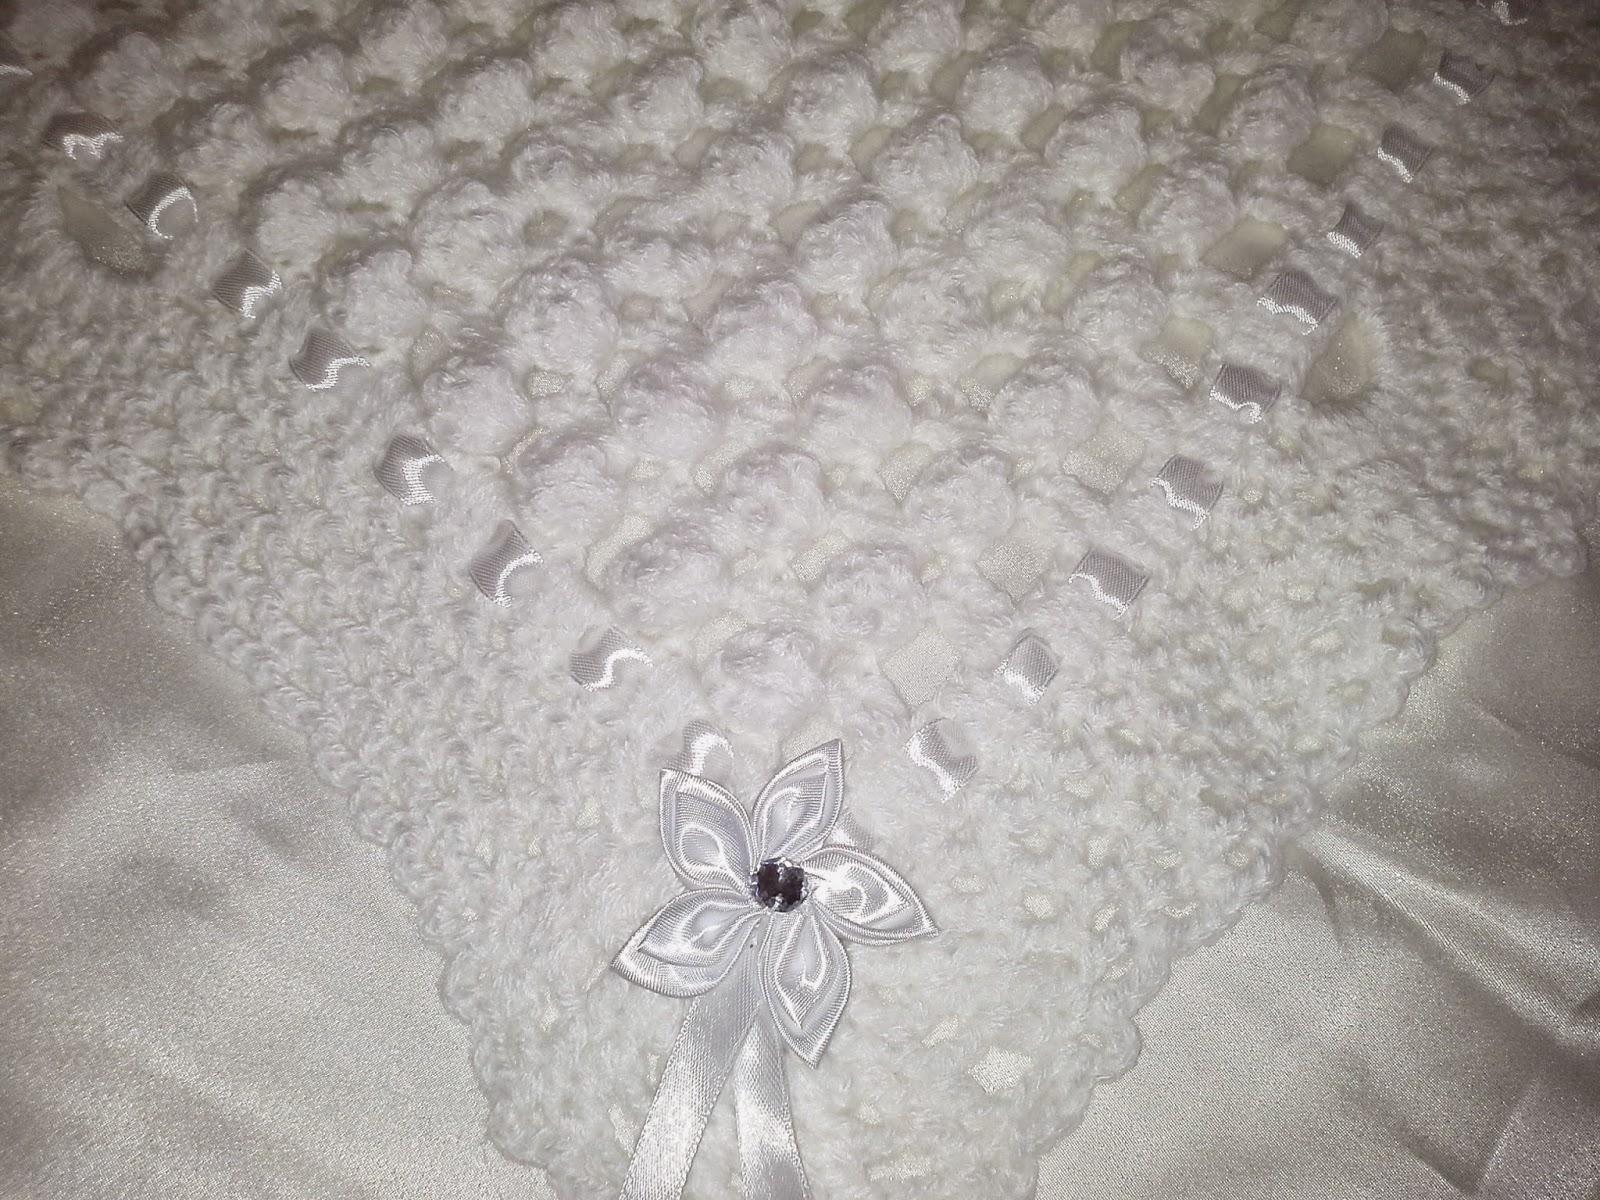 couverture pour lit bébé Melissa Melina Crochet: Superbe couverture pour bébé au crochet couverture pour lit bébé